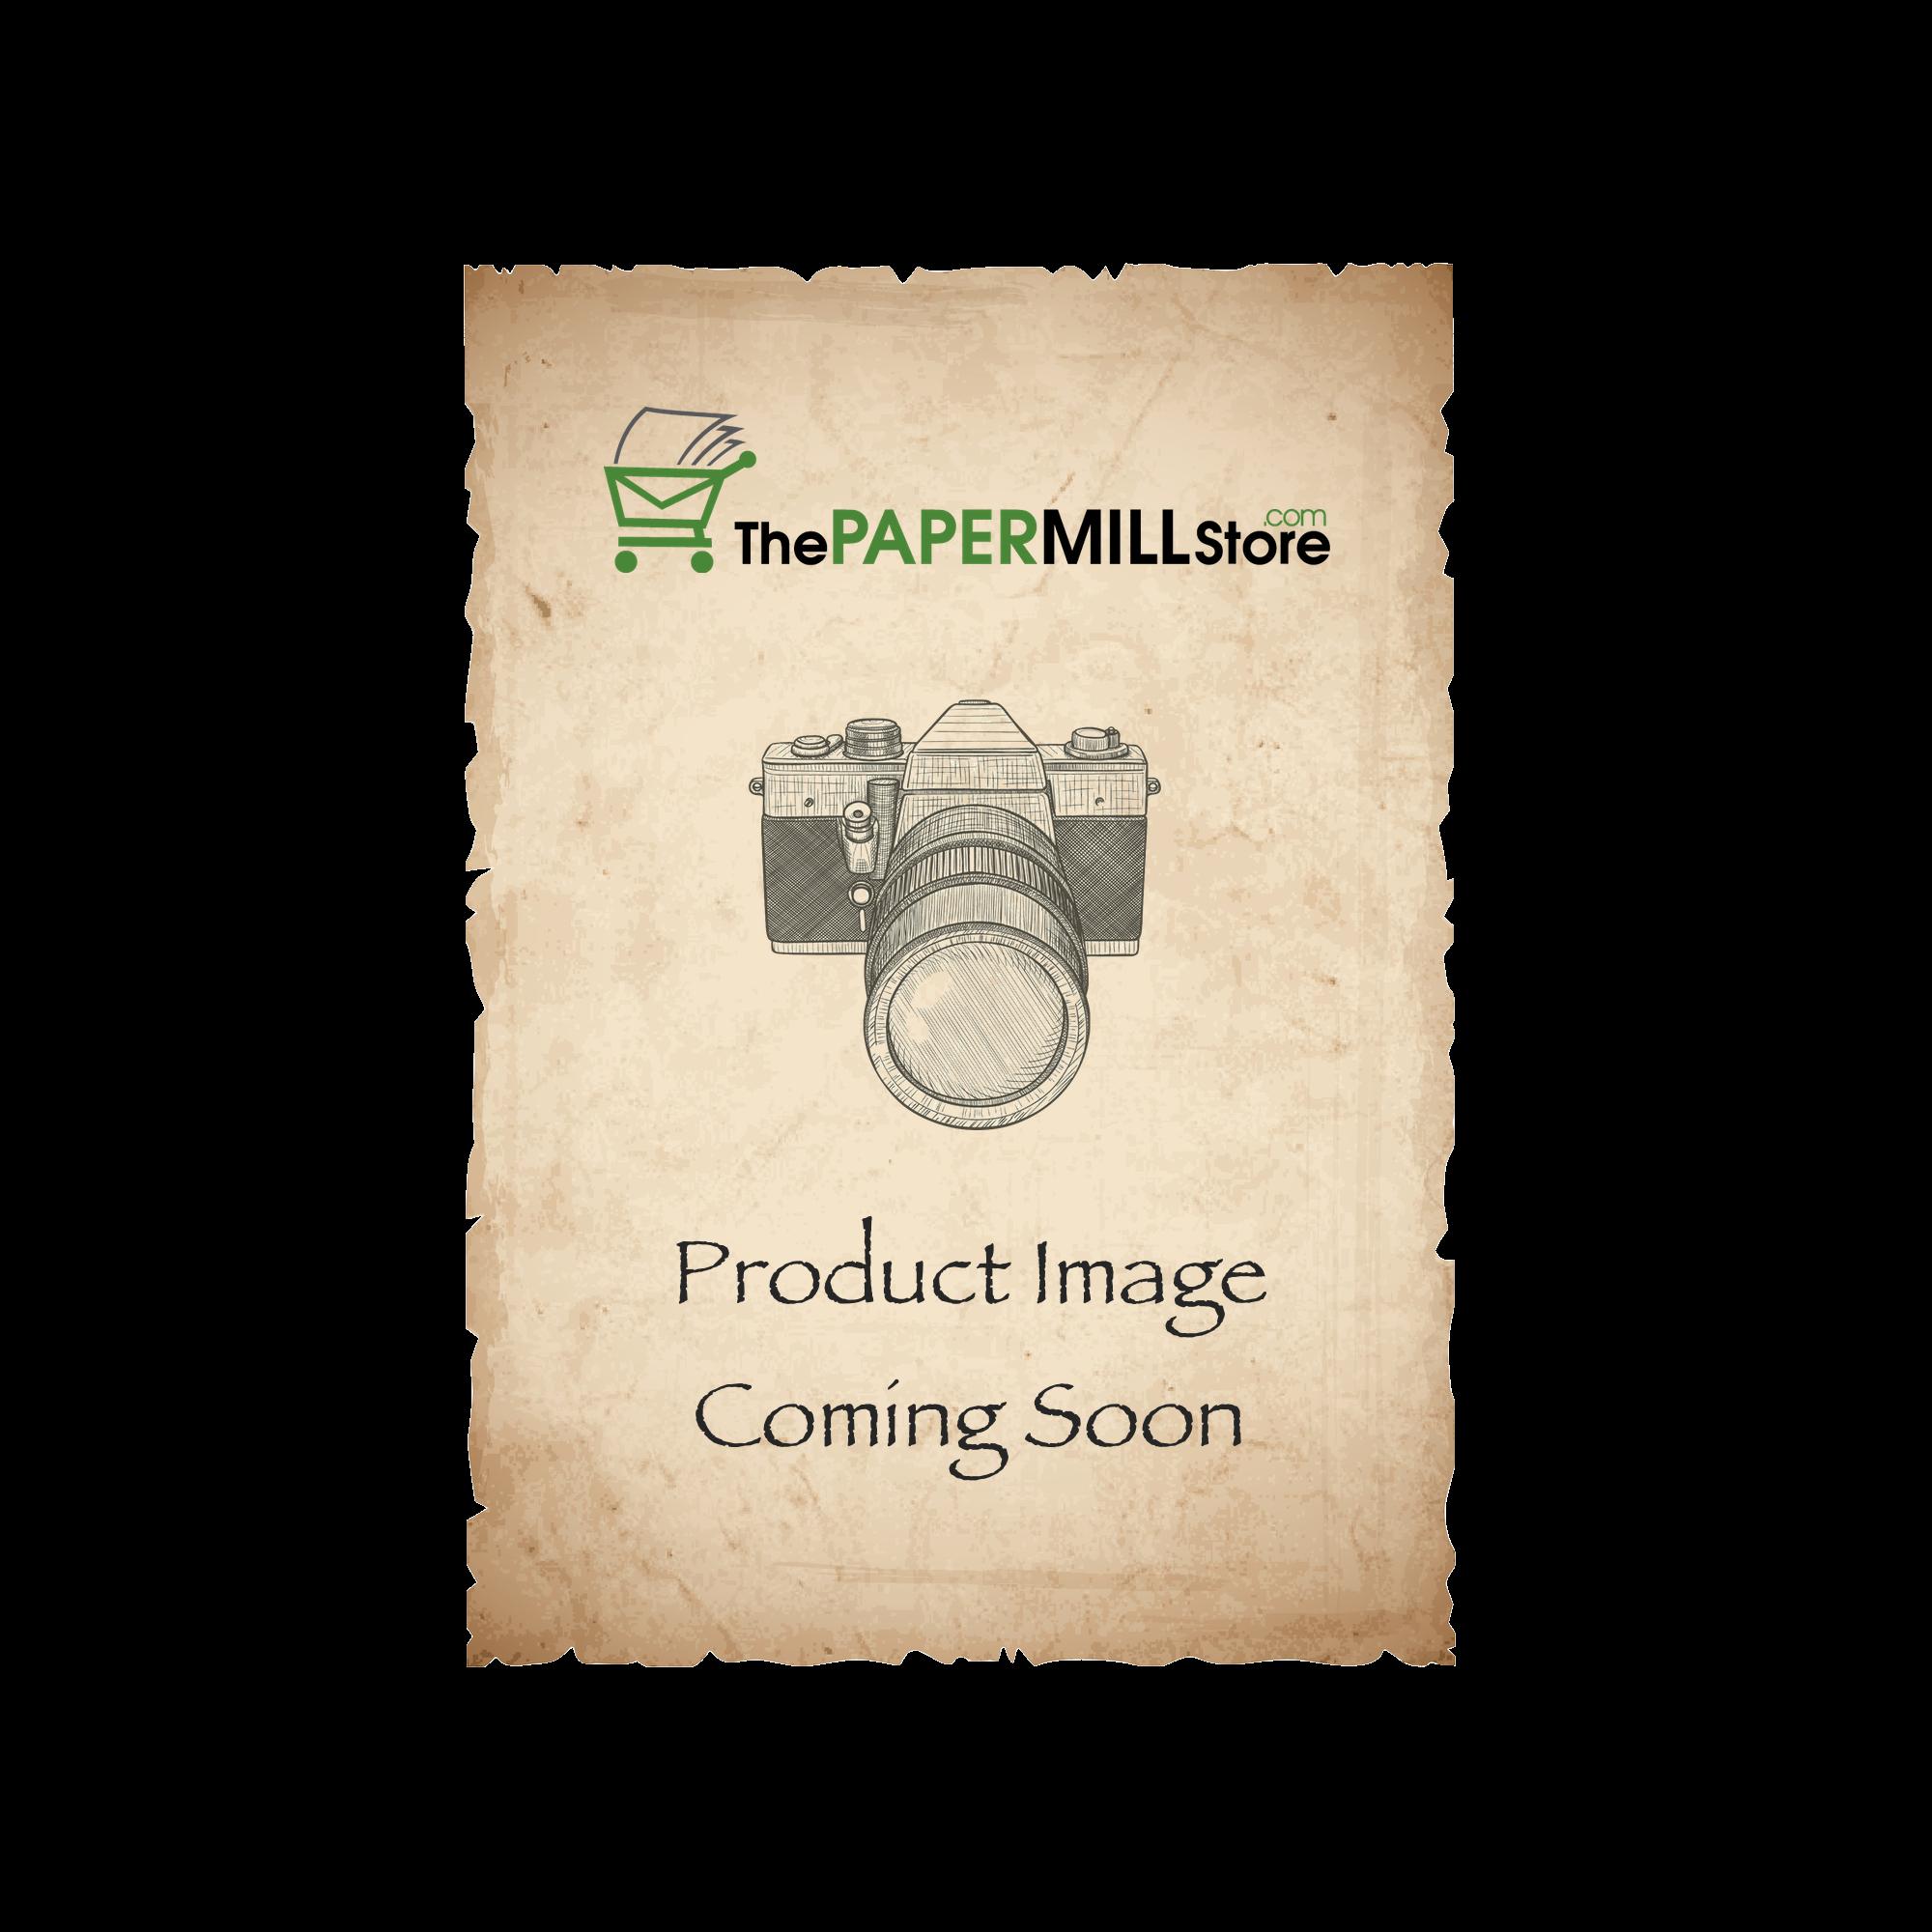 Loop Feltmark Pure White Envelopes - A2 (4 3/8 x 5 3/4) 80 lb Text Feltmark  30% Recycled 250 per Box